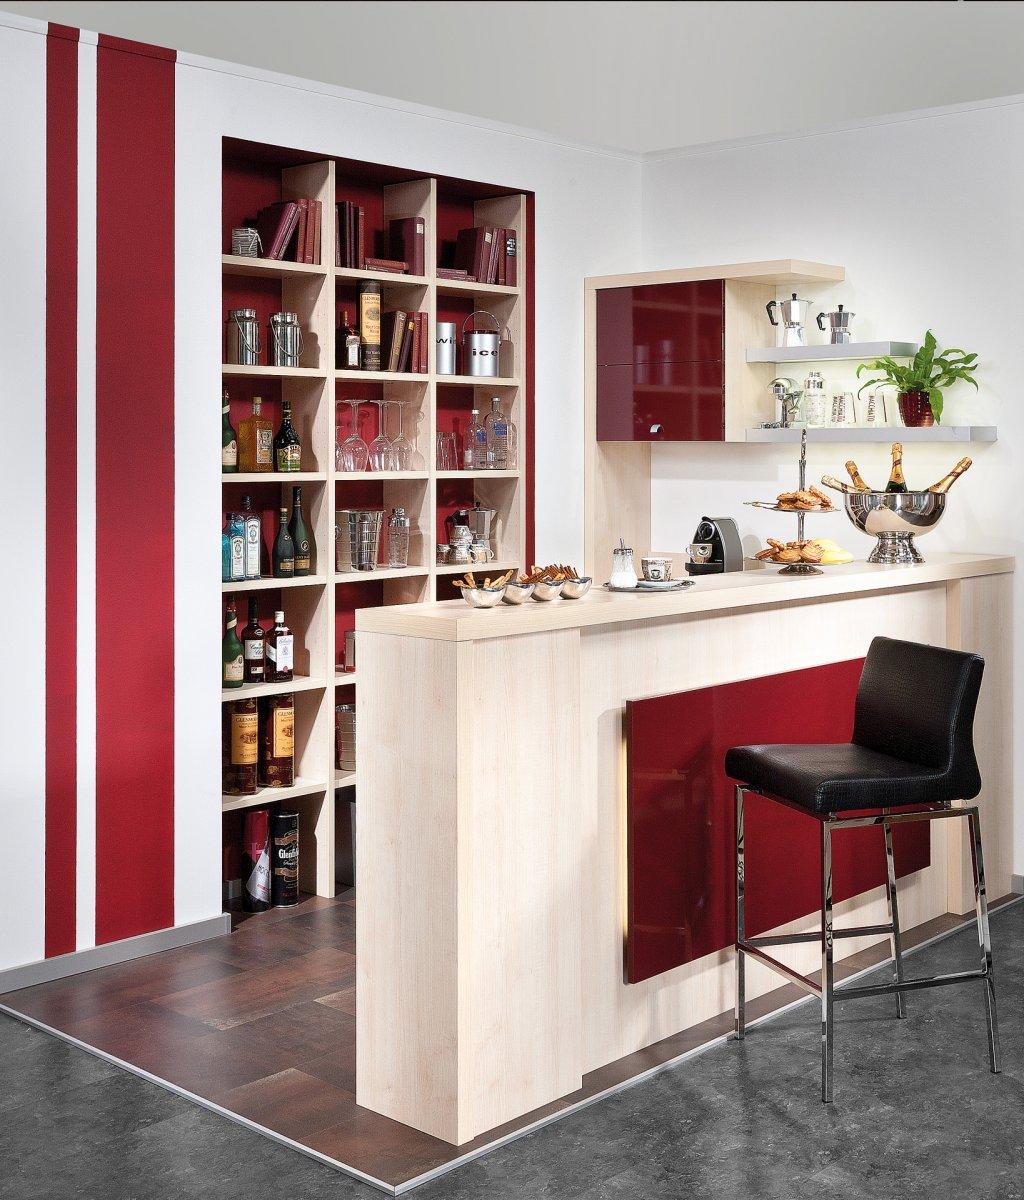 Bar  PMAX Mambel  Tischlerqualitt aus sterreich